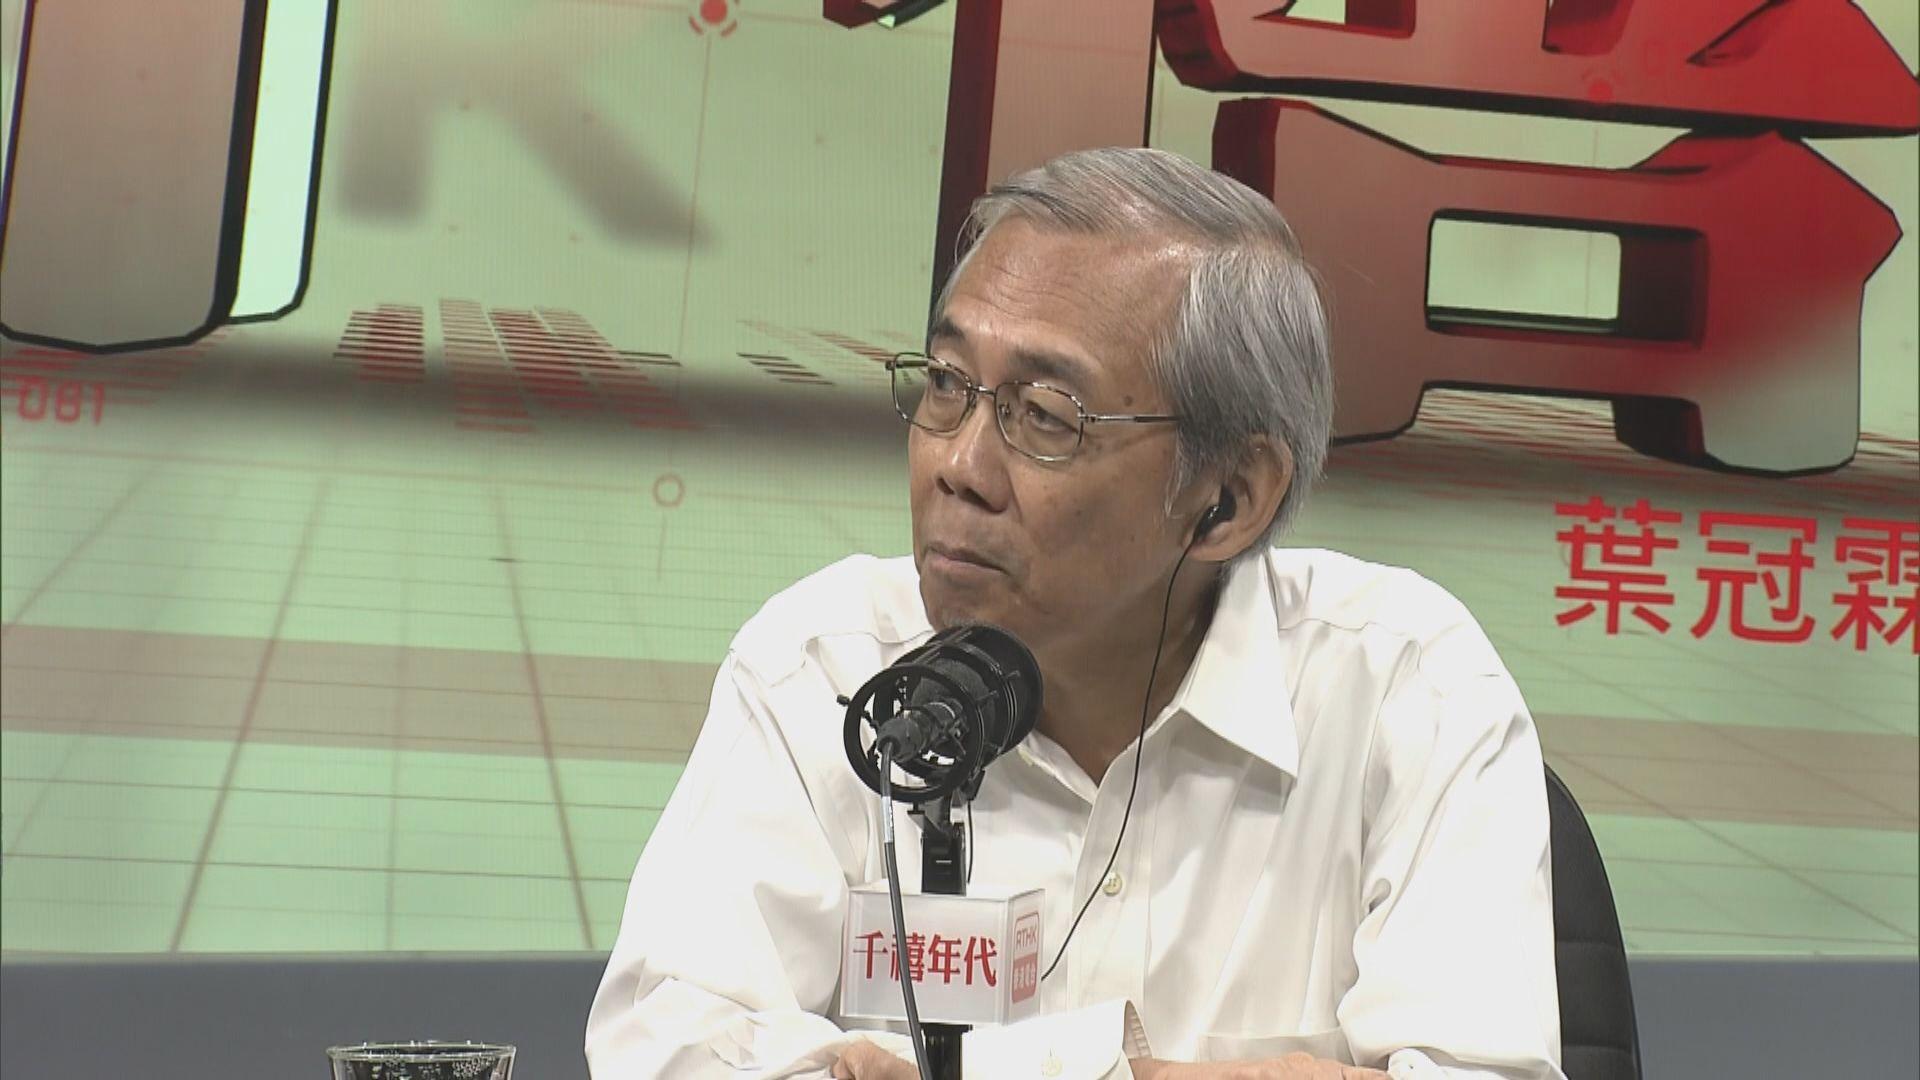 王永平:林鄭拒用撤回字眼因克服不了心理障礙